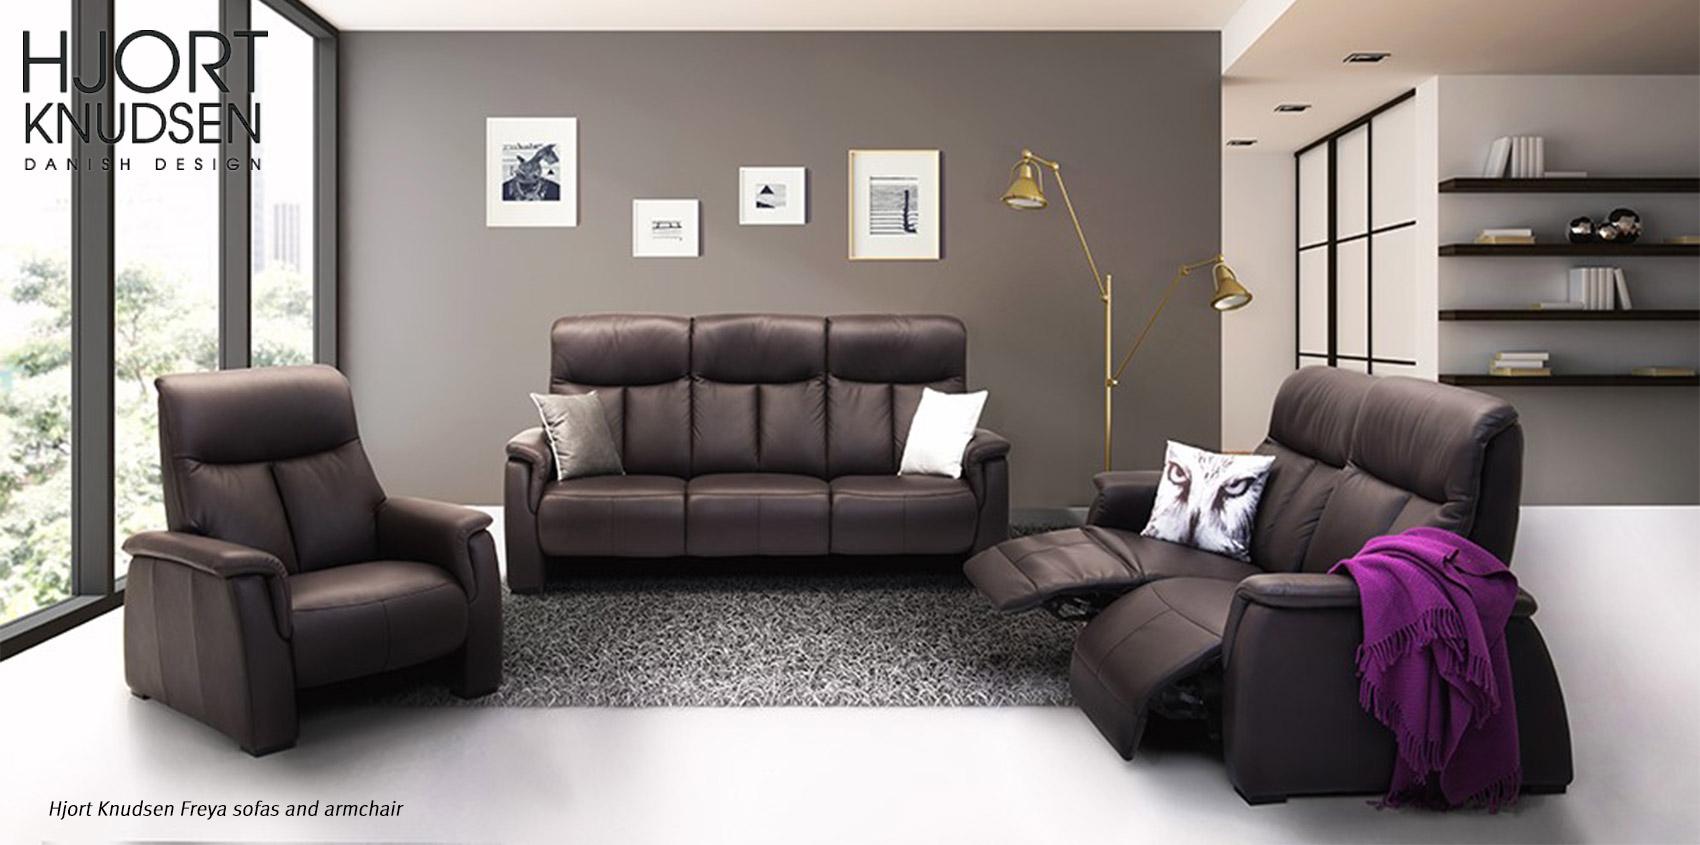 Hjort Knudsen at Insitu Furniture